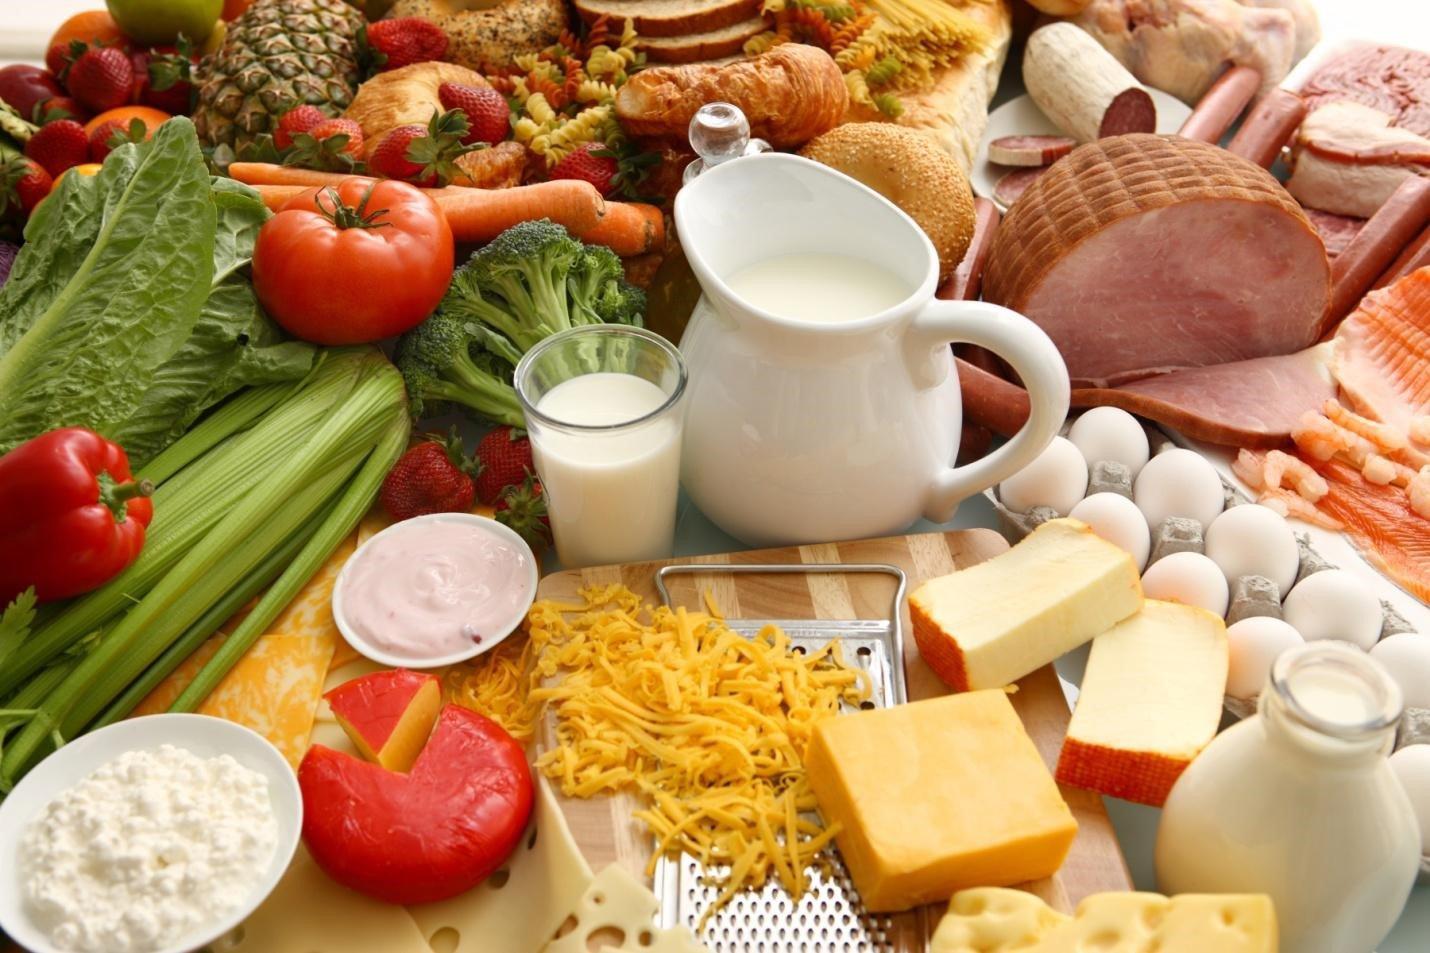 Người bị viêm gan với chế độ ăn uống khoa học